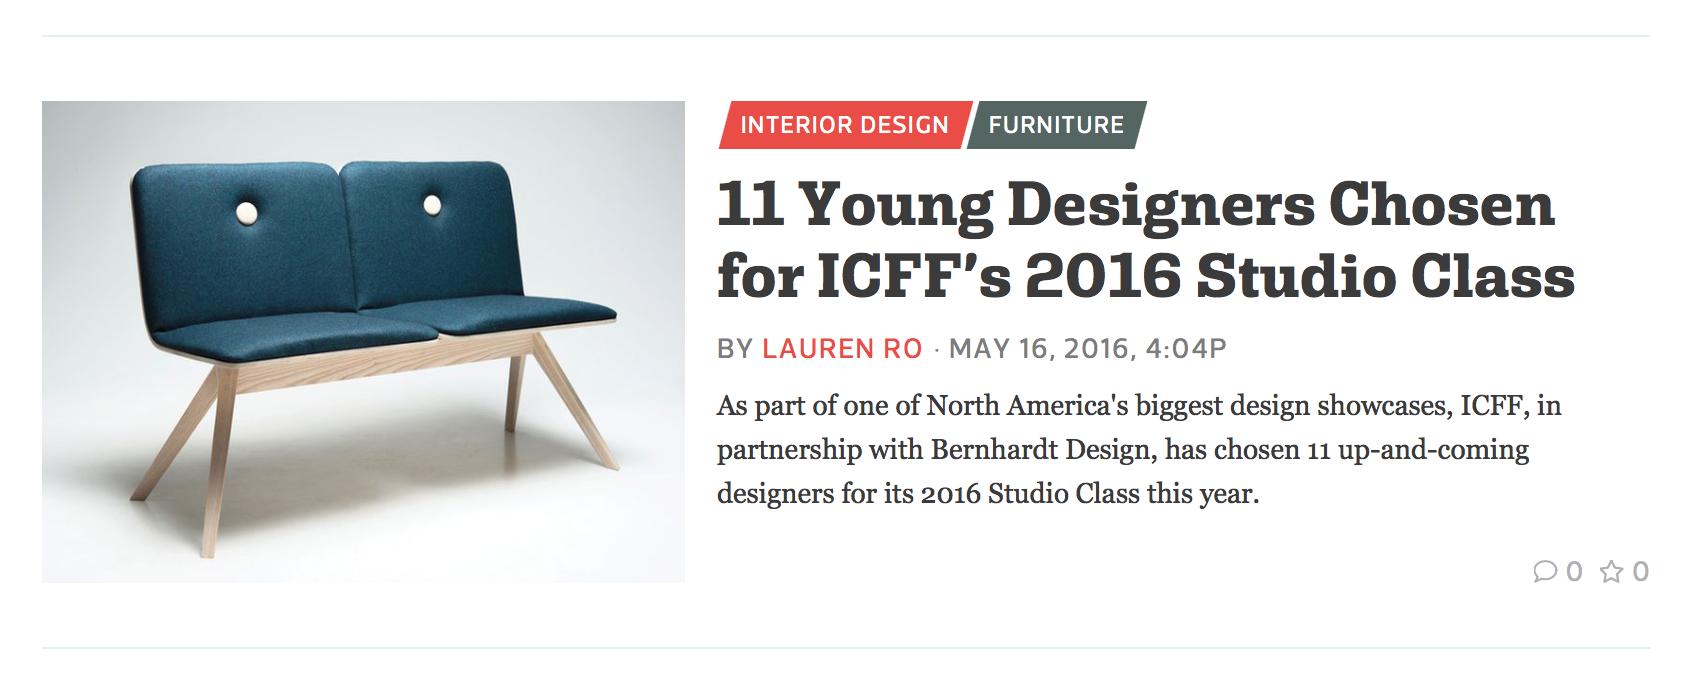 curbed design ICFF